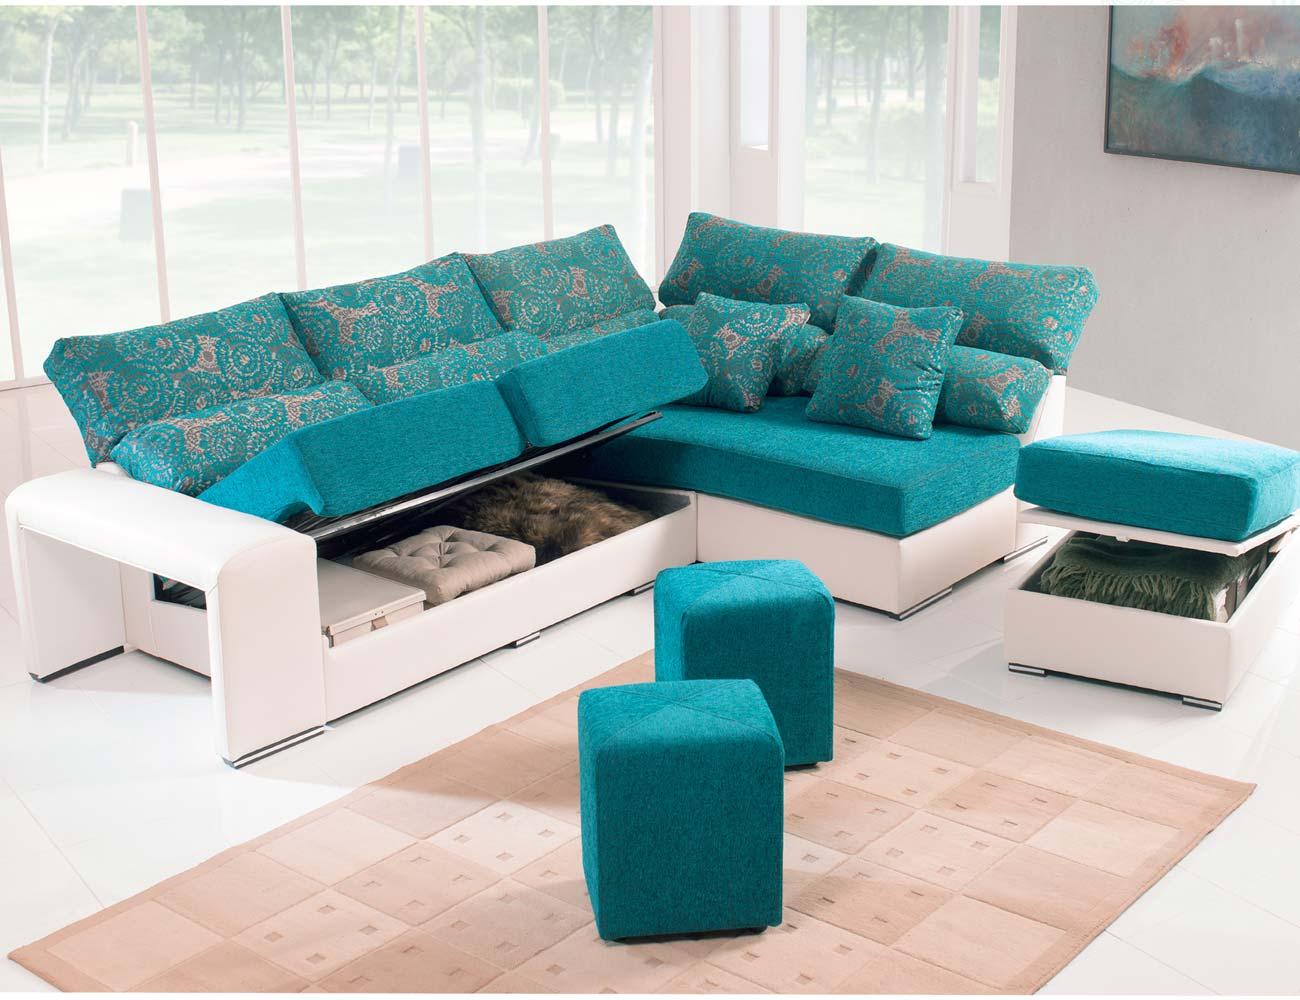 Sofa chaiselongue rincon puff arcon taburete28